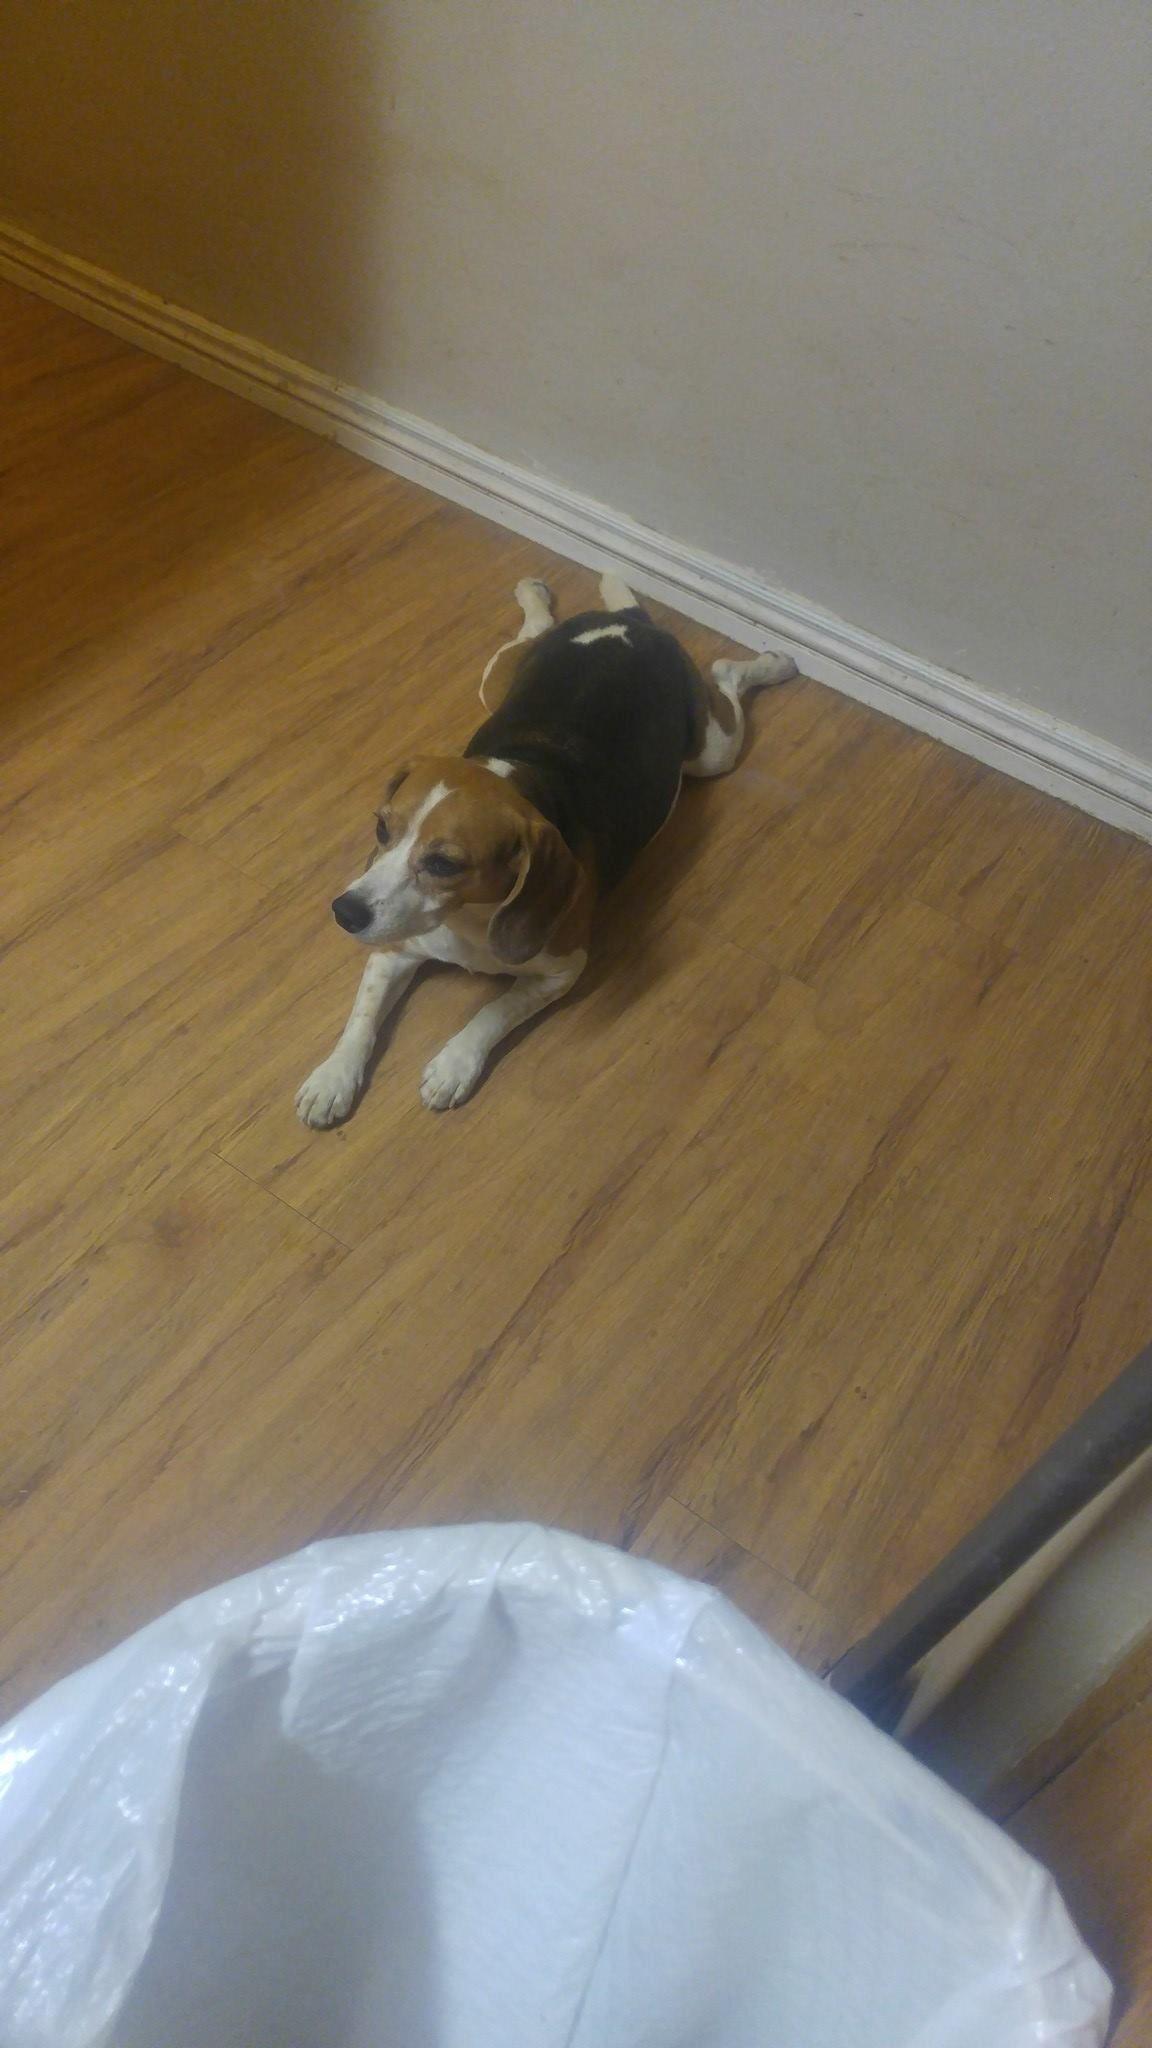 Beagle Dog For Adoption In Phoenix Az Adn 554507 On Puppyfinder